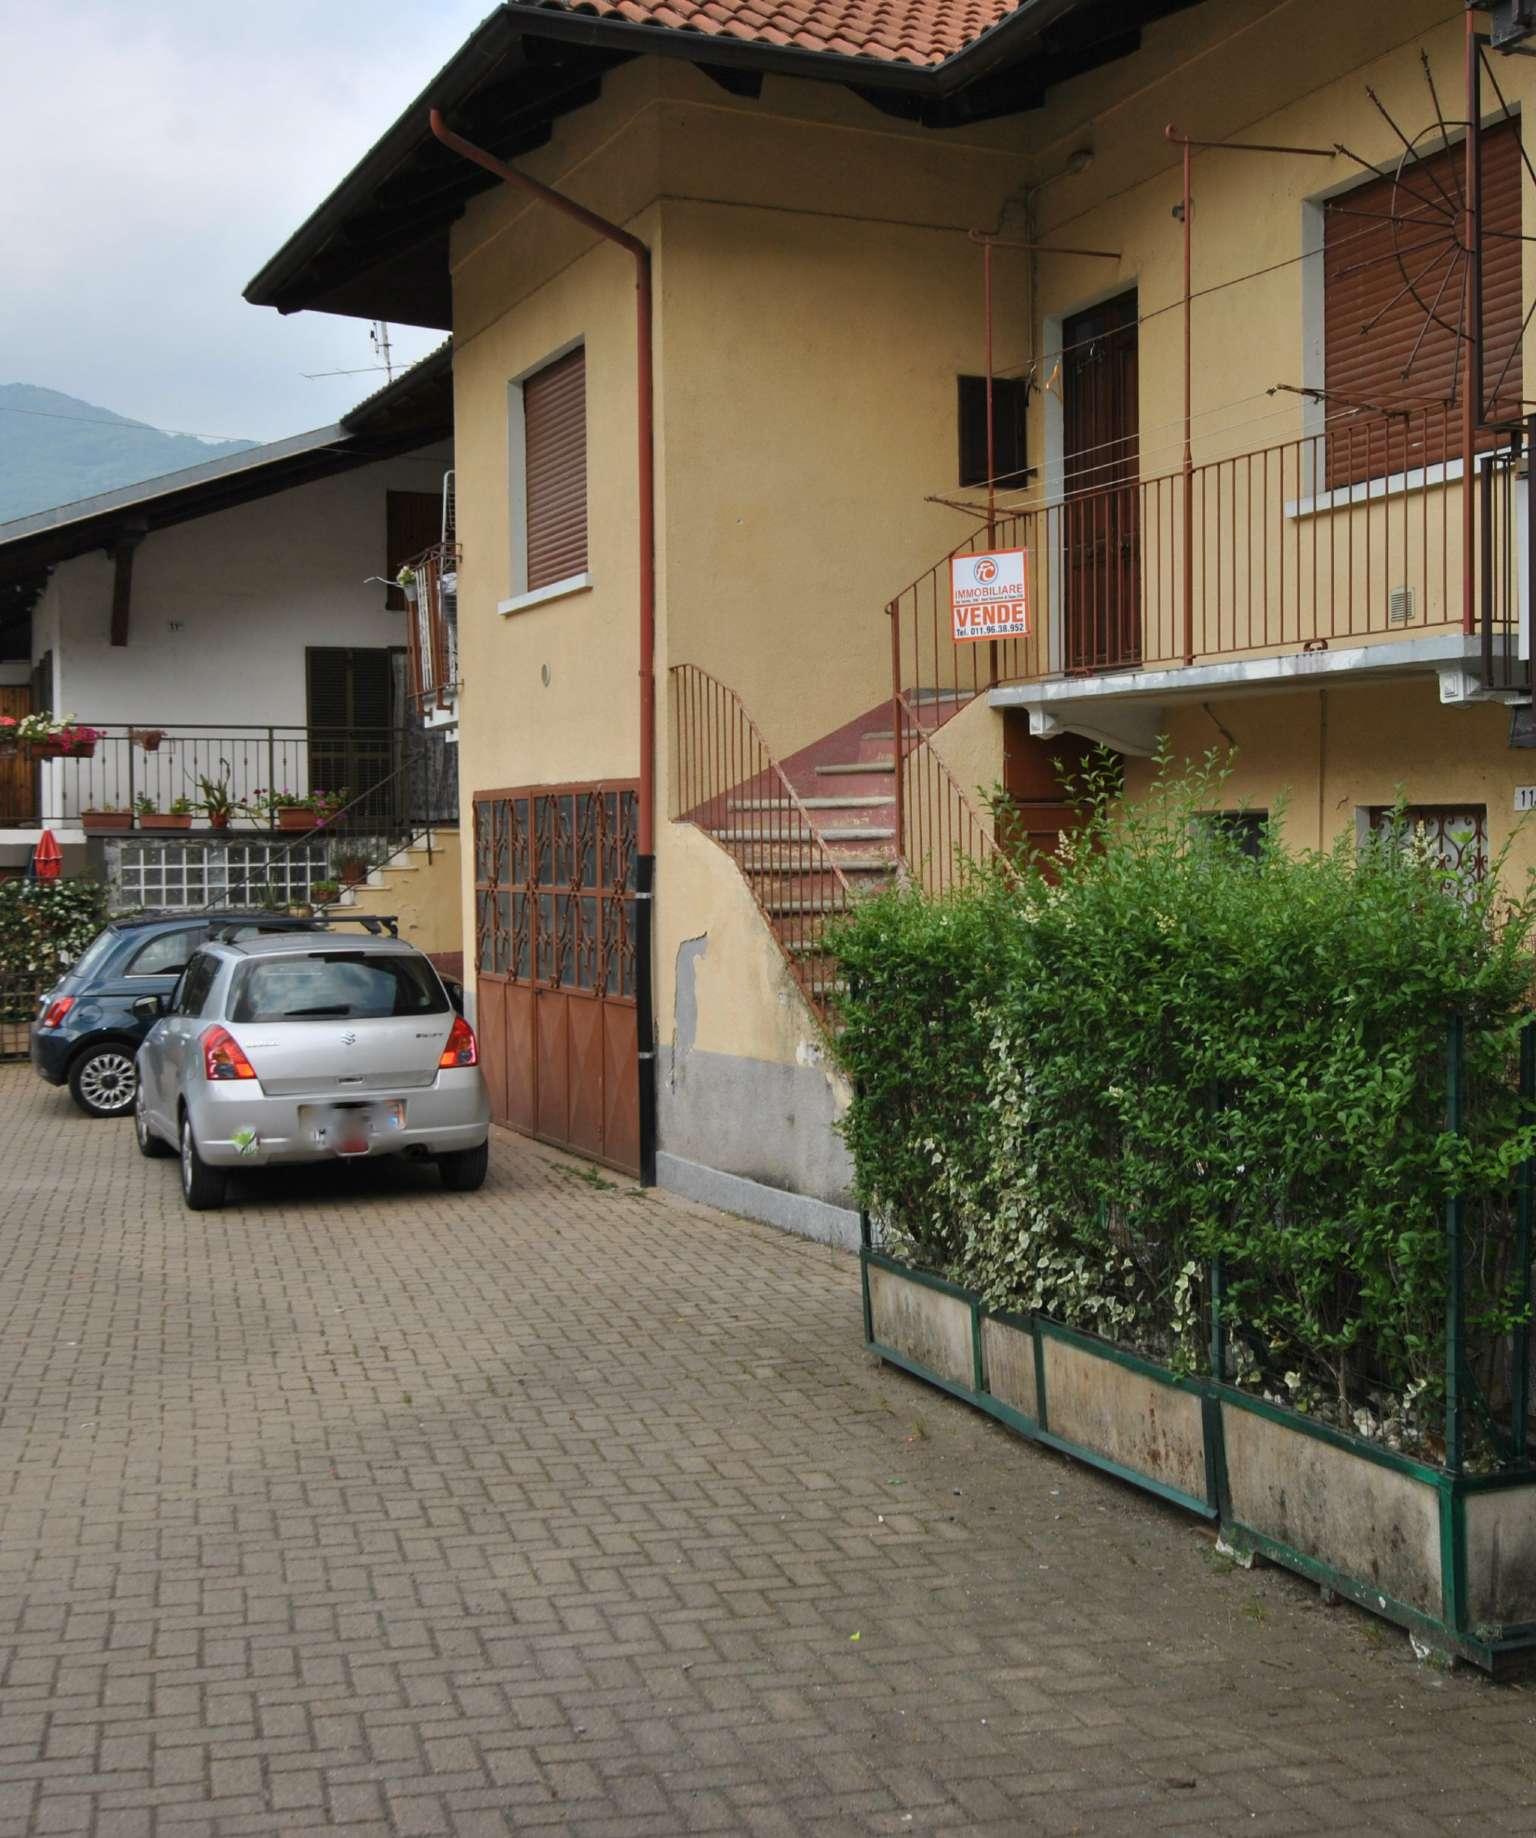 Soluzione Semindipendente in vendita a Vaie, 3 locali, prezzo € 80.000 | CambioCasa.it